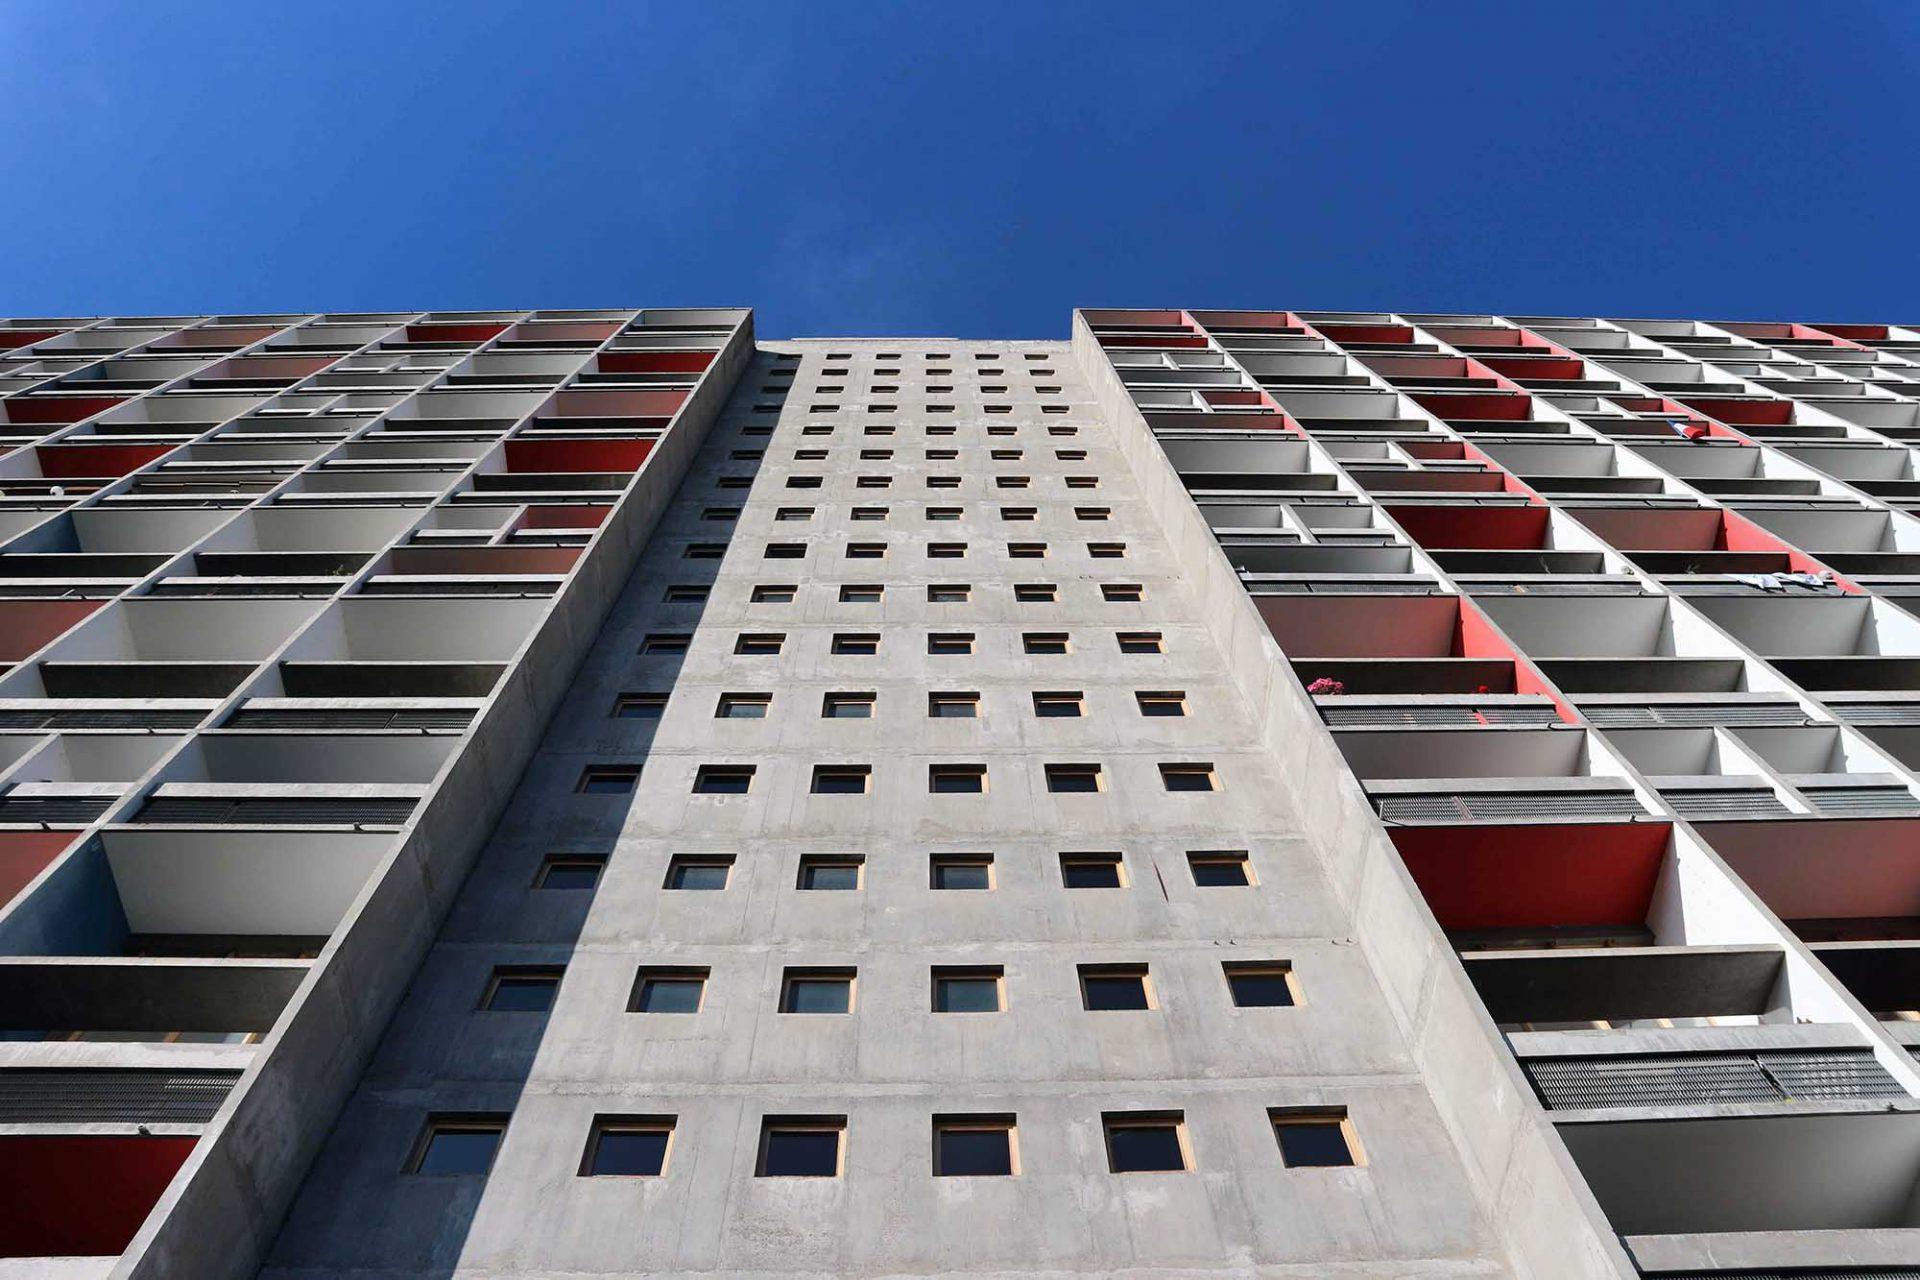 Unité d'Habitation. Alle Farben harmonieren auf eine natürliche Art. Jede Farbe kann mit jeder anderen Farbe kombiniert werden und haben eine architektonisch hohe Qualität in Bezug auf Farbbedeutung und Farbreichtum.